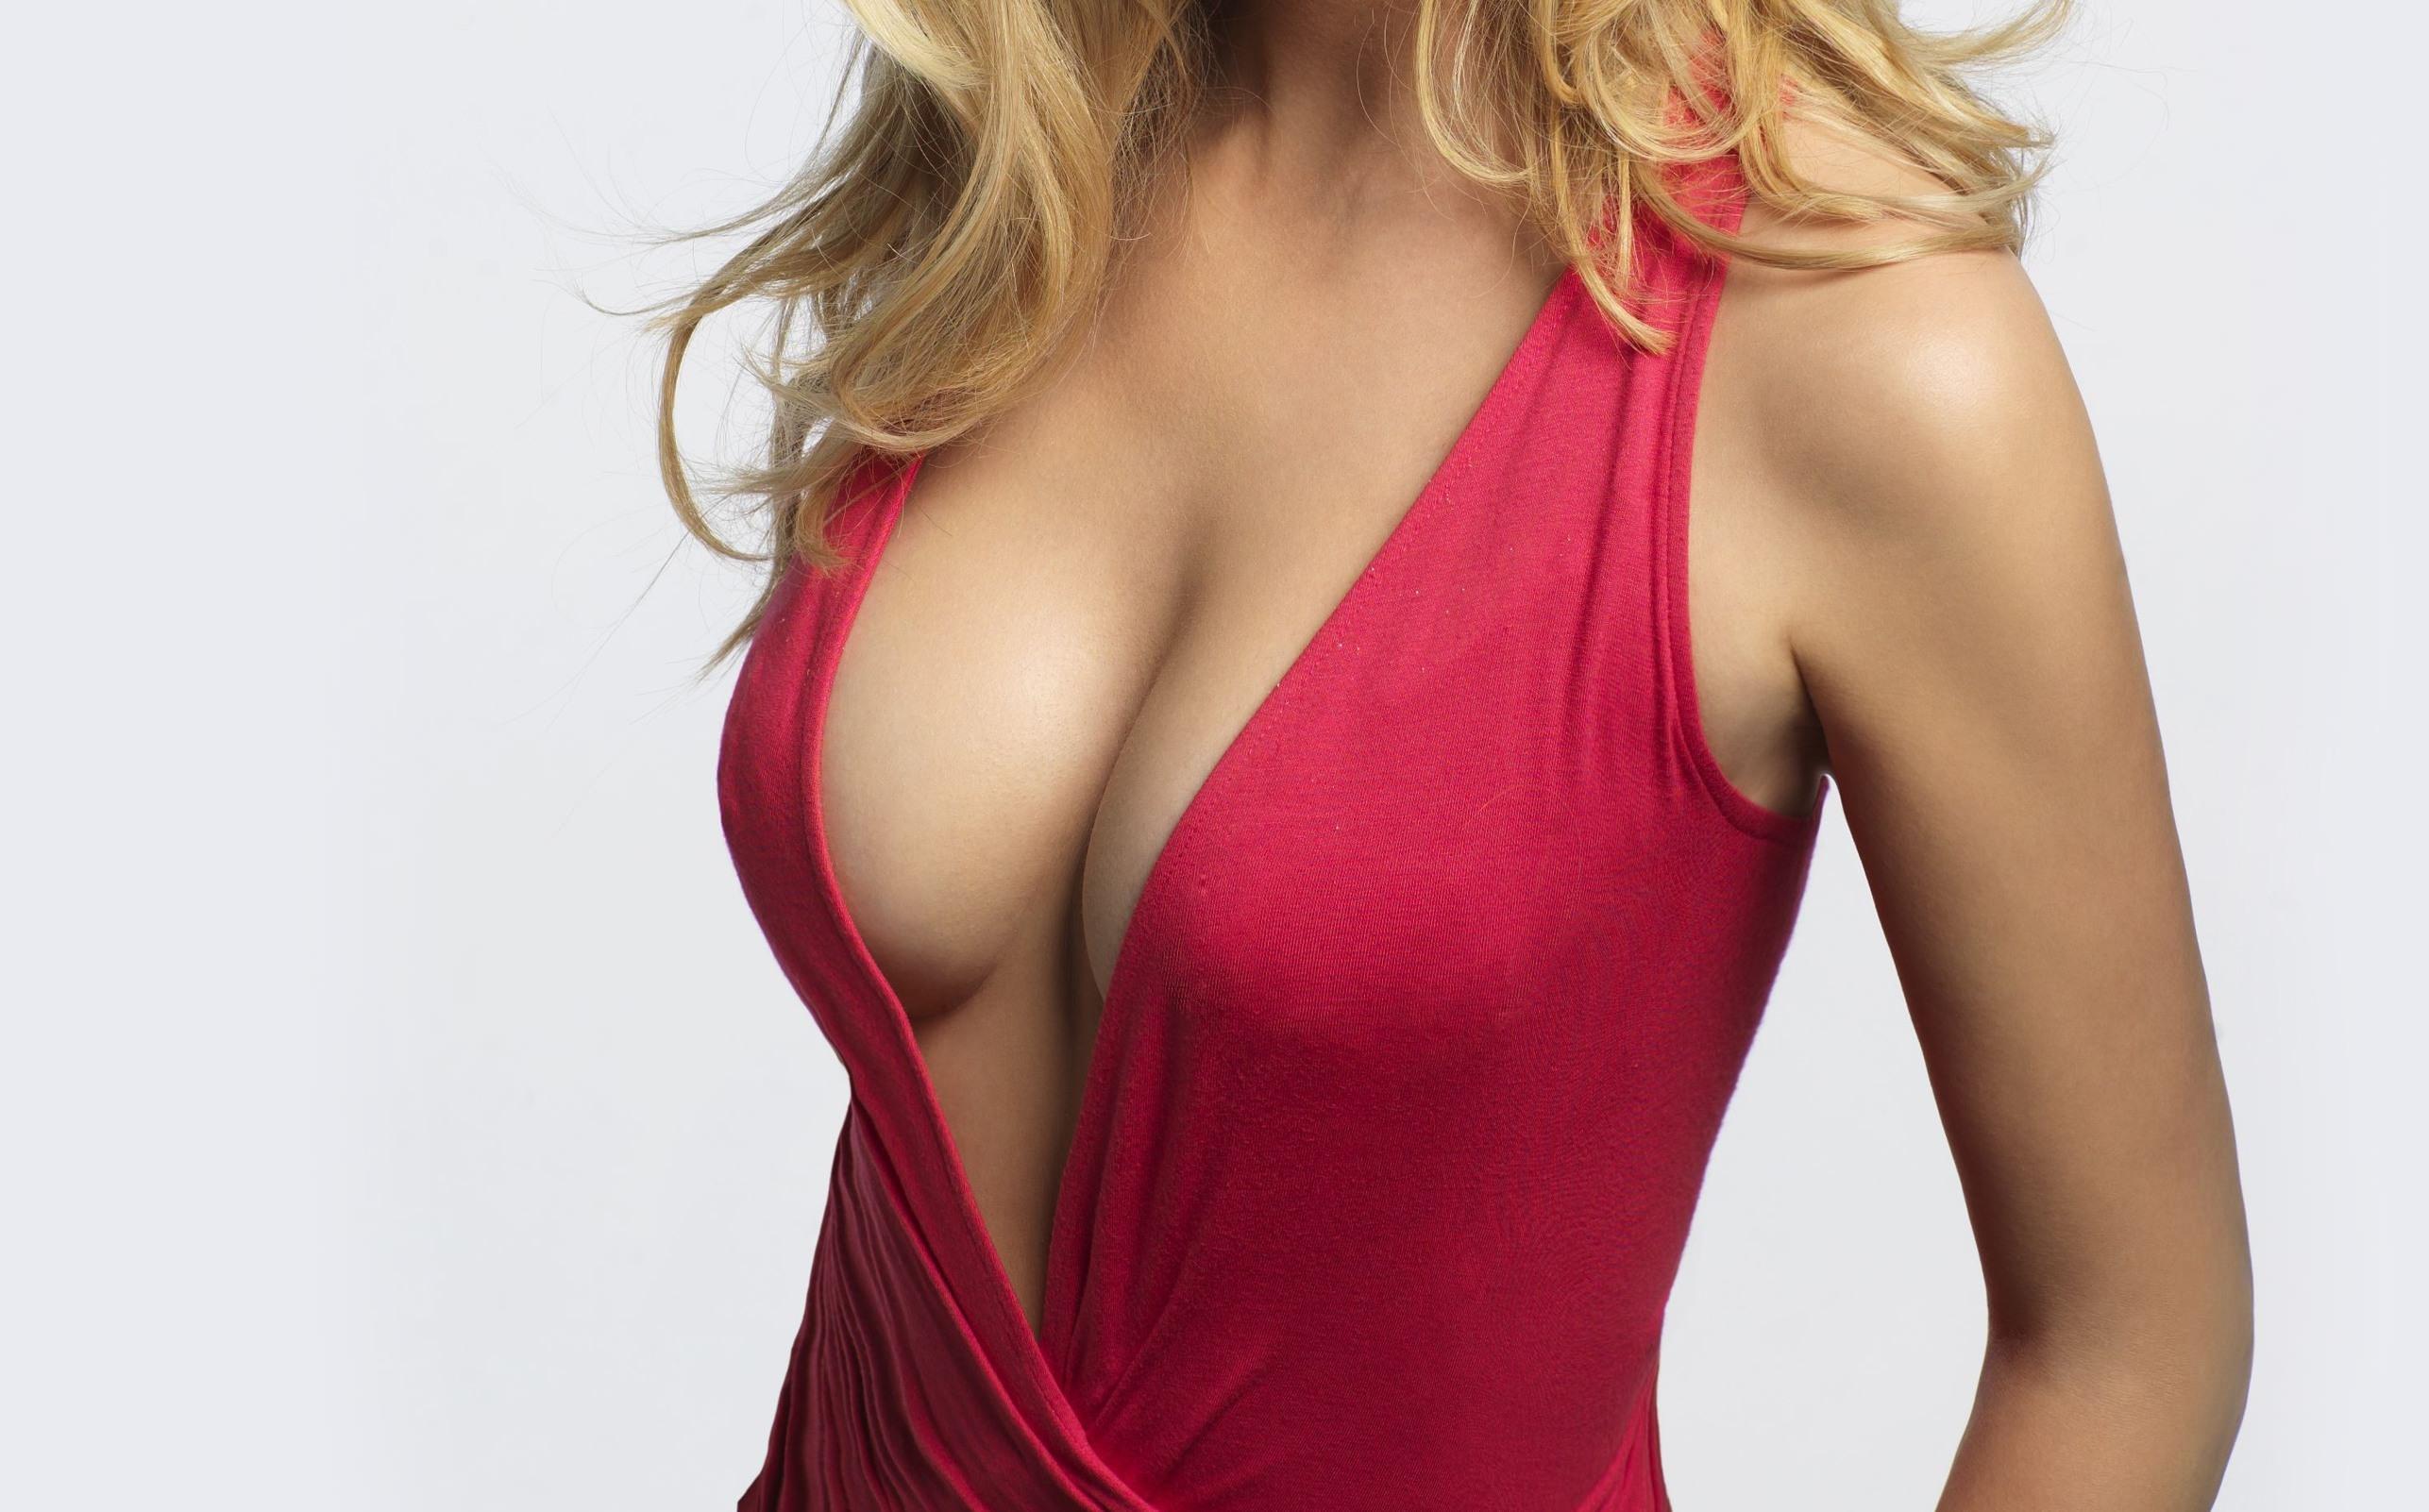 Фото Красивая женская грудь, глубокое декольте, красное платье, блондинка, скачать картинку бесплатно